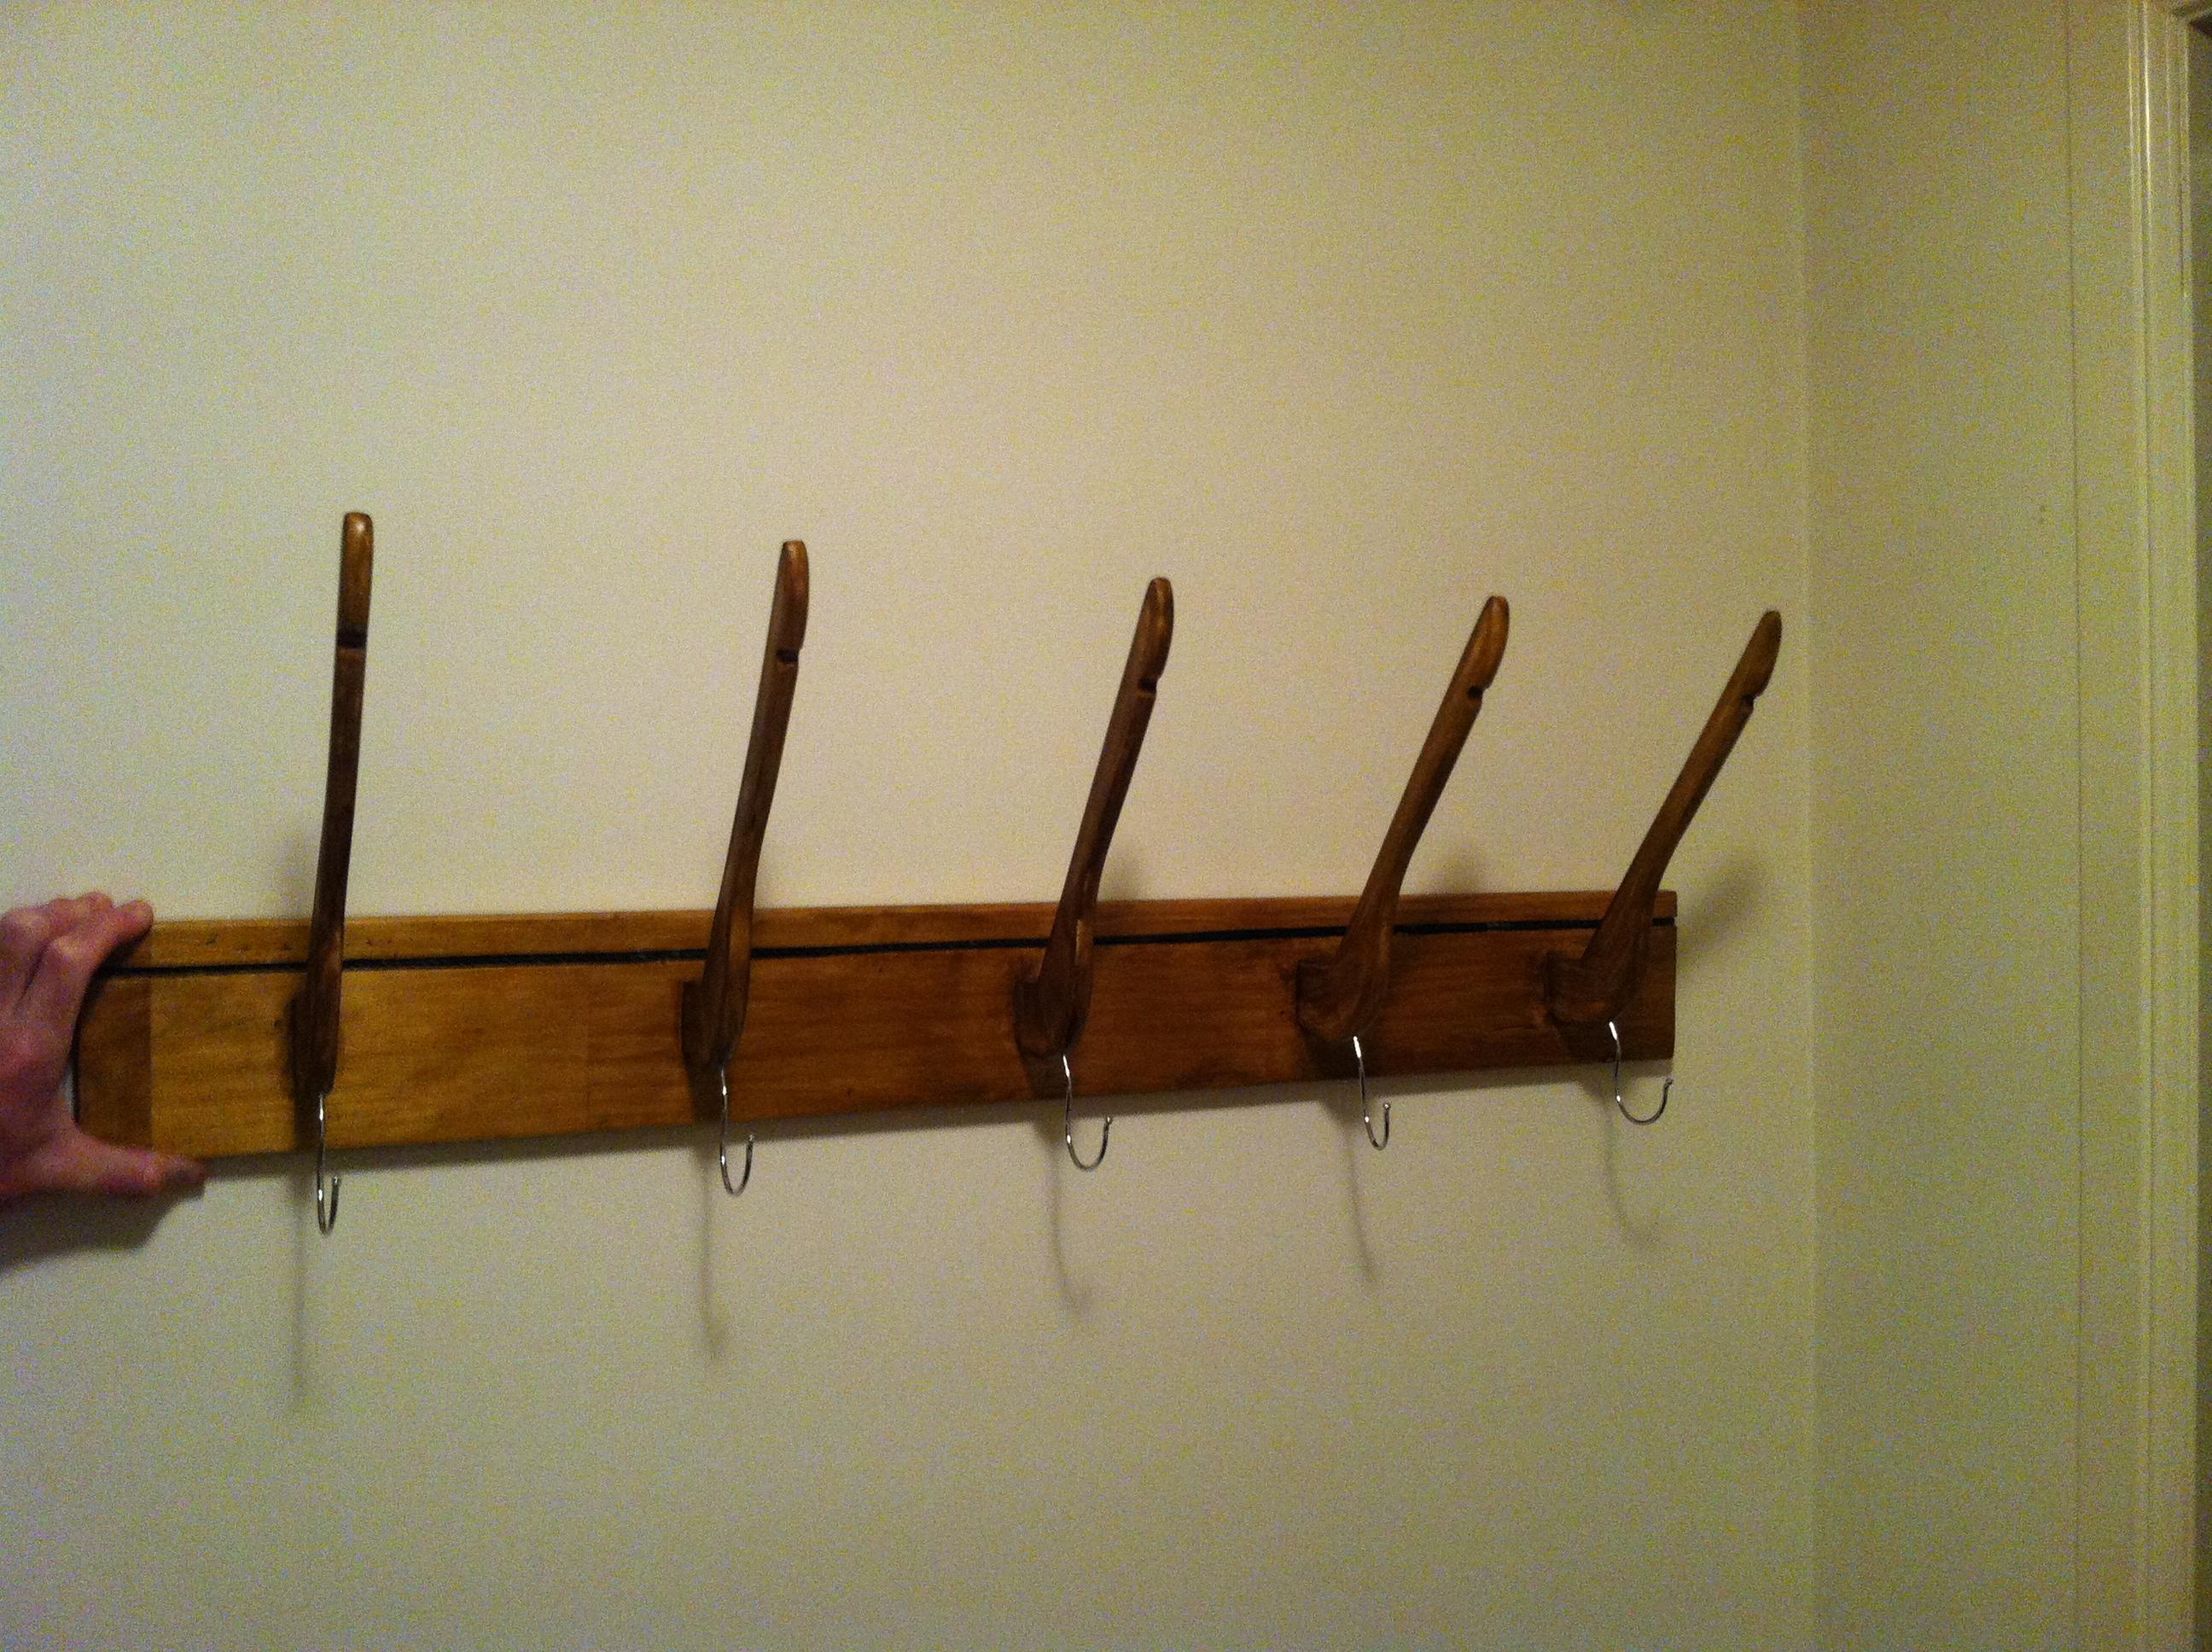 repurposed coat hanger rack